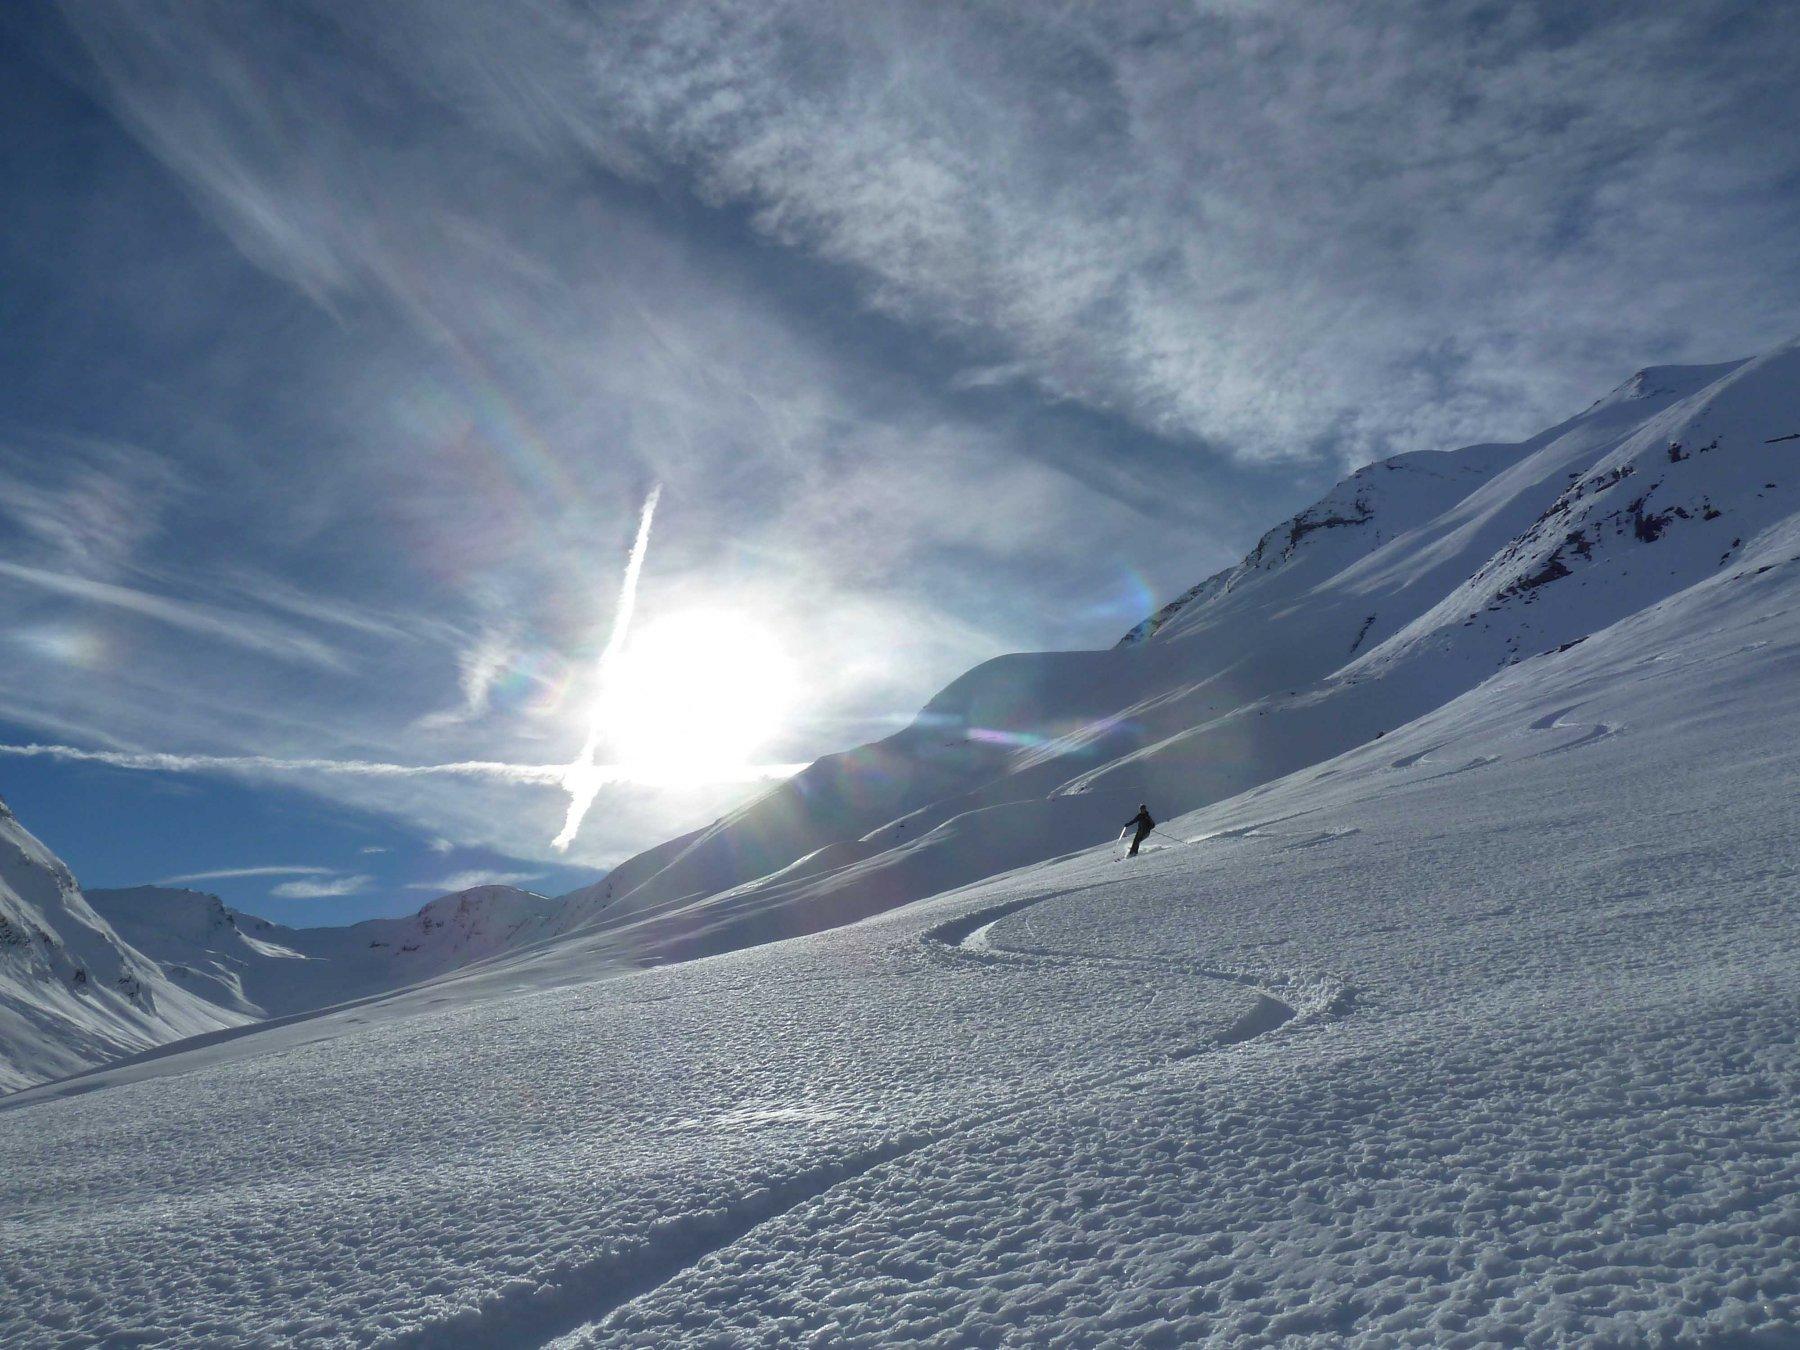 Bella neve anche in basso